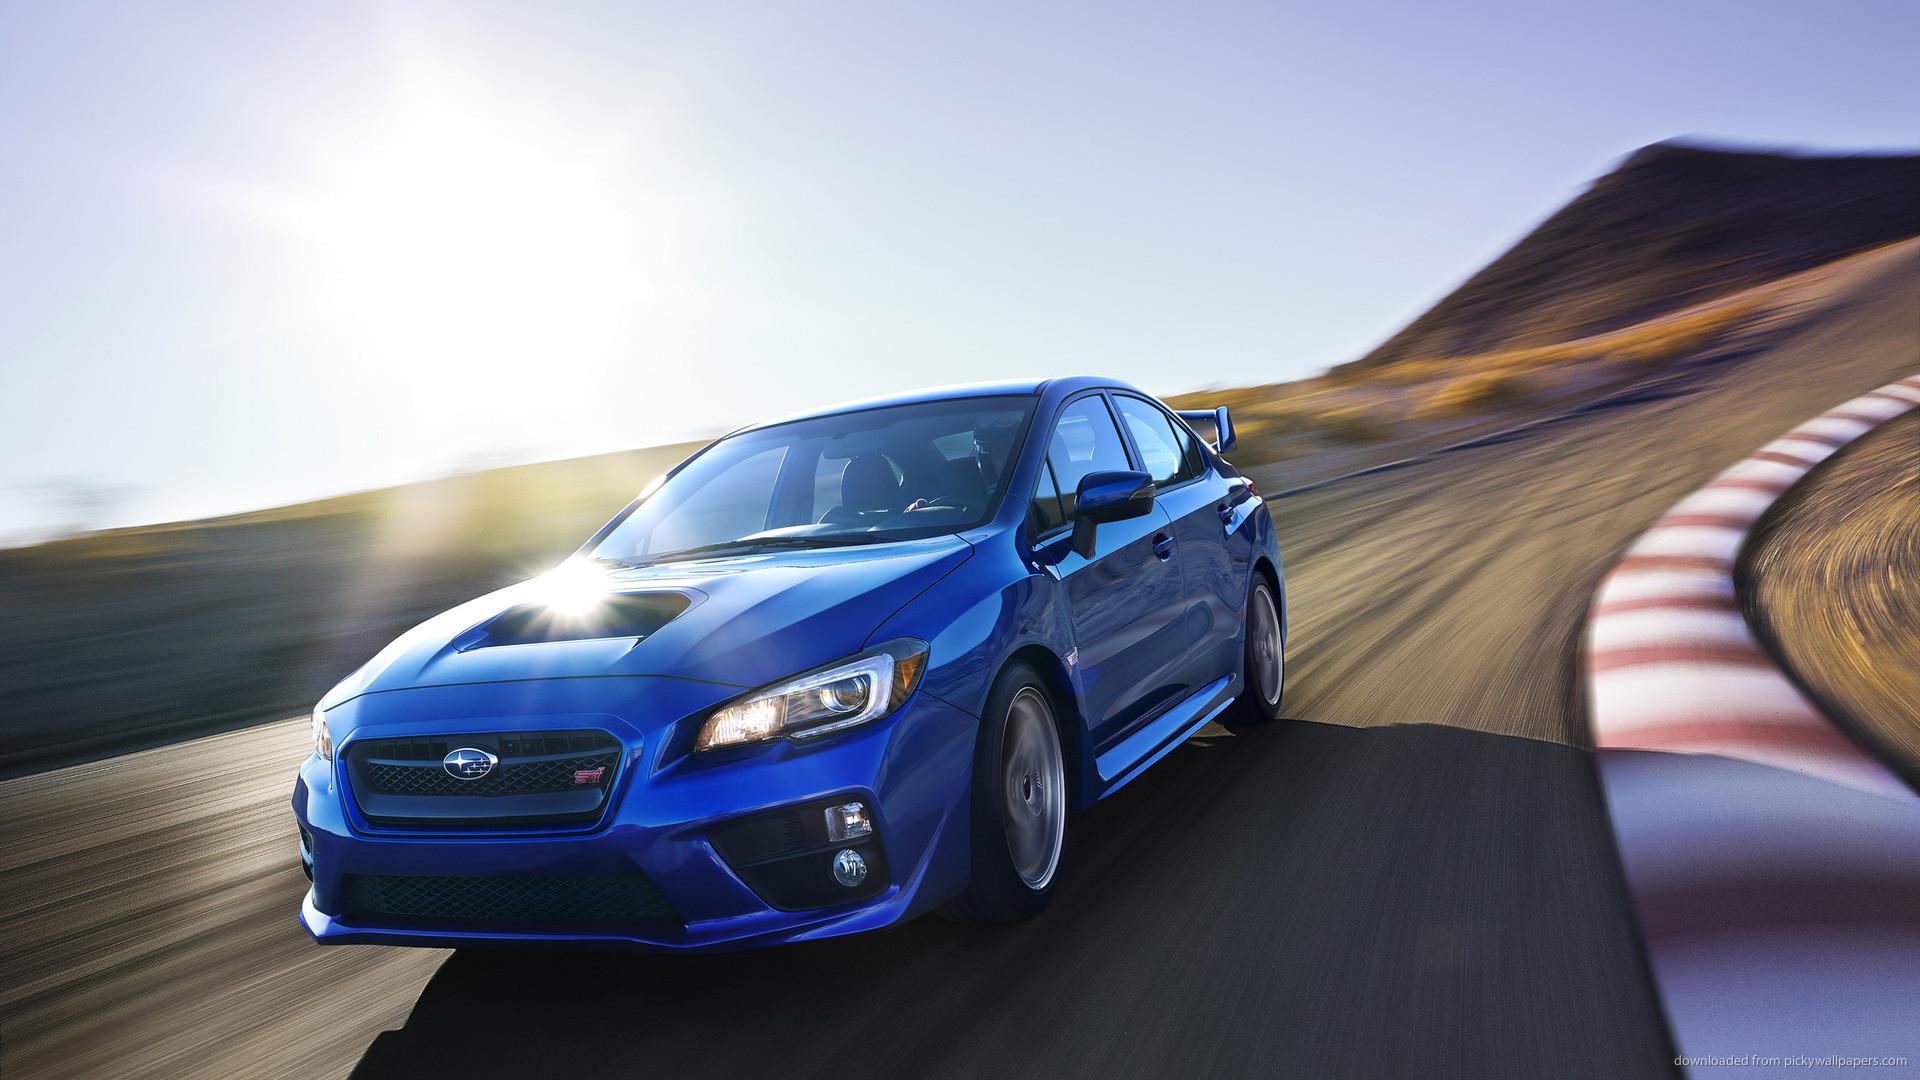 Subaru WRX STI Launch Edition picture